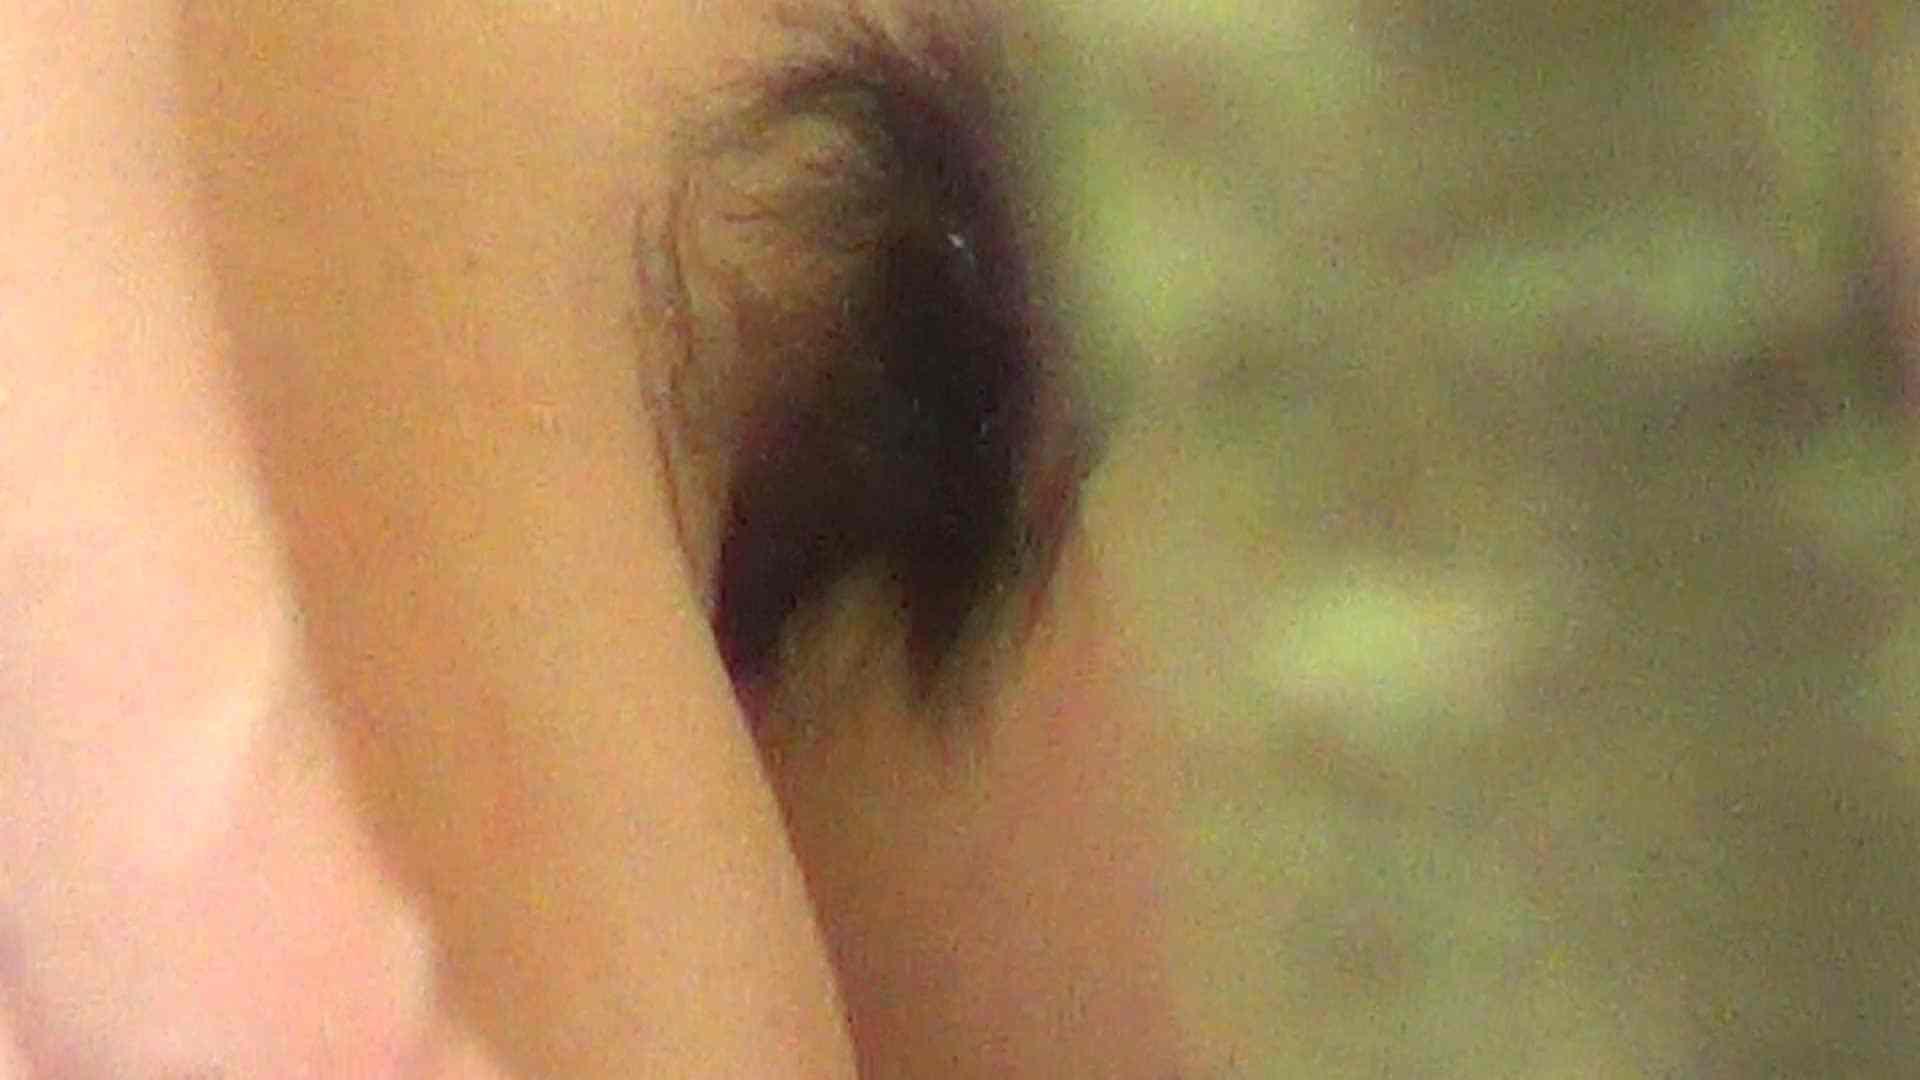 ハイビジョンVol.27 アナルも化粧もケバイ! 美女 オマンコ動画キャプチャ 107画像 11